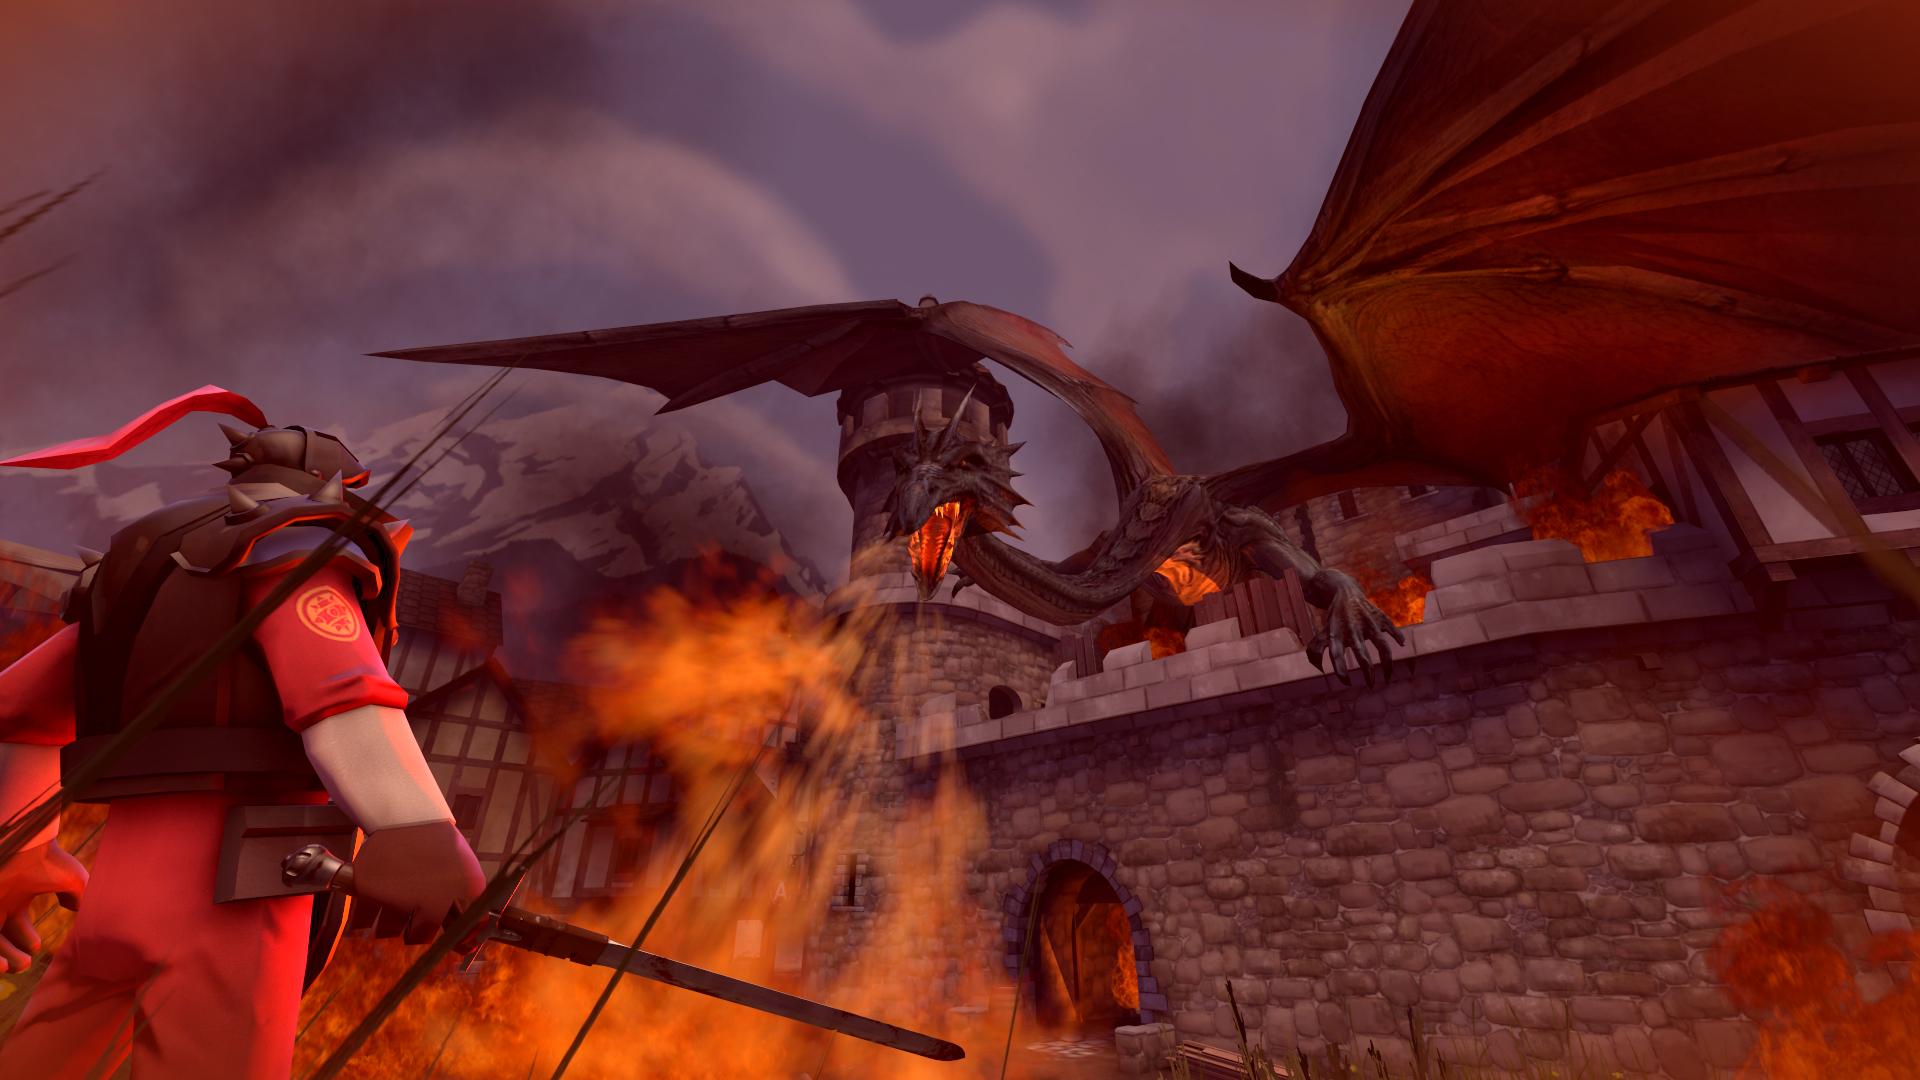 Dragon Fire Team Fortress 2 1920x1080